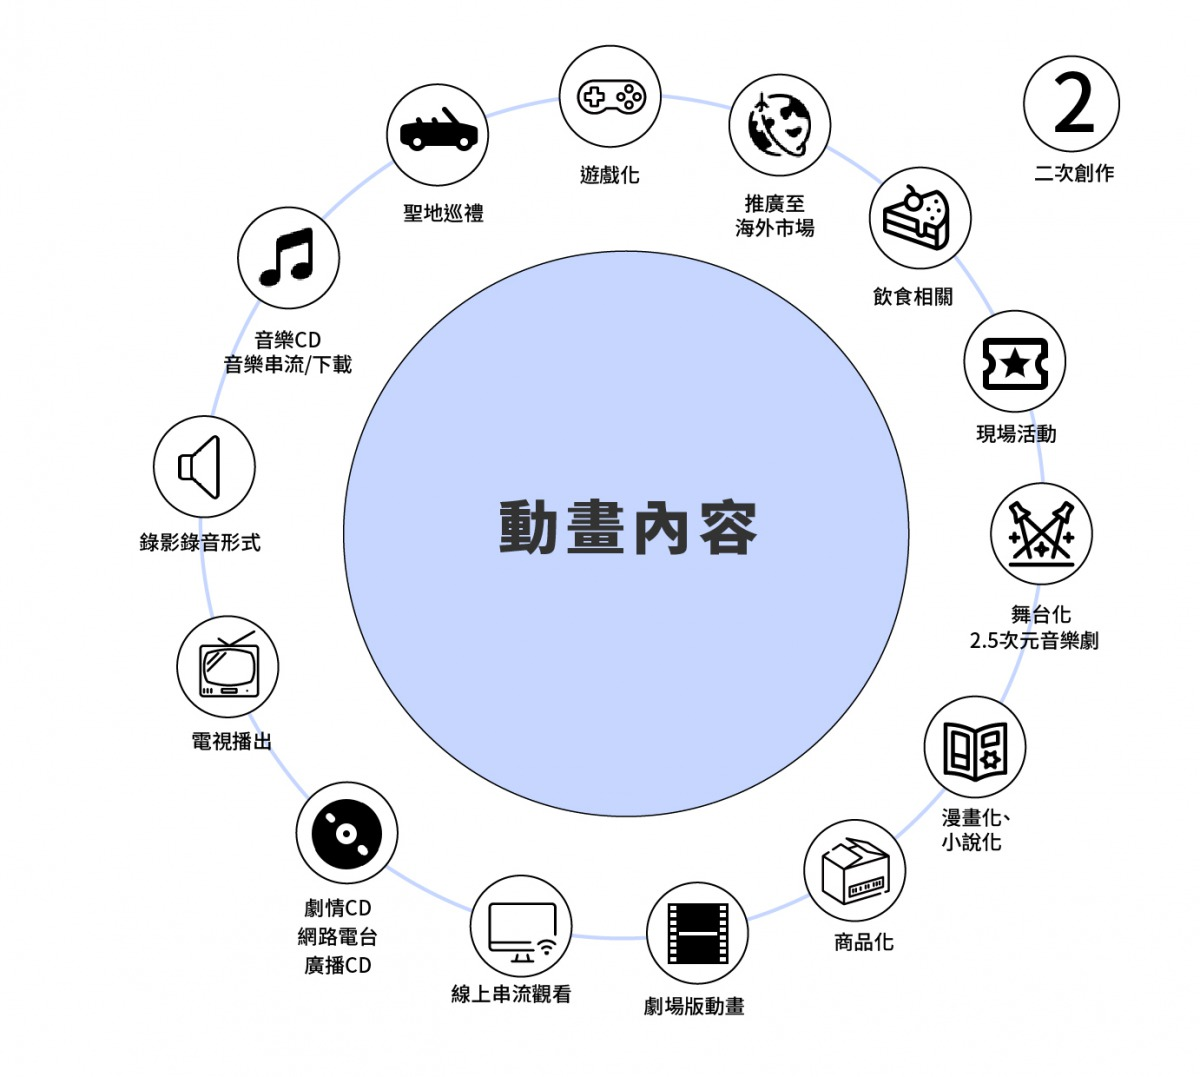 3_dong_hua_zhou_bian_xiao_yi_.jpg